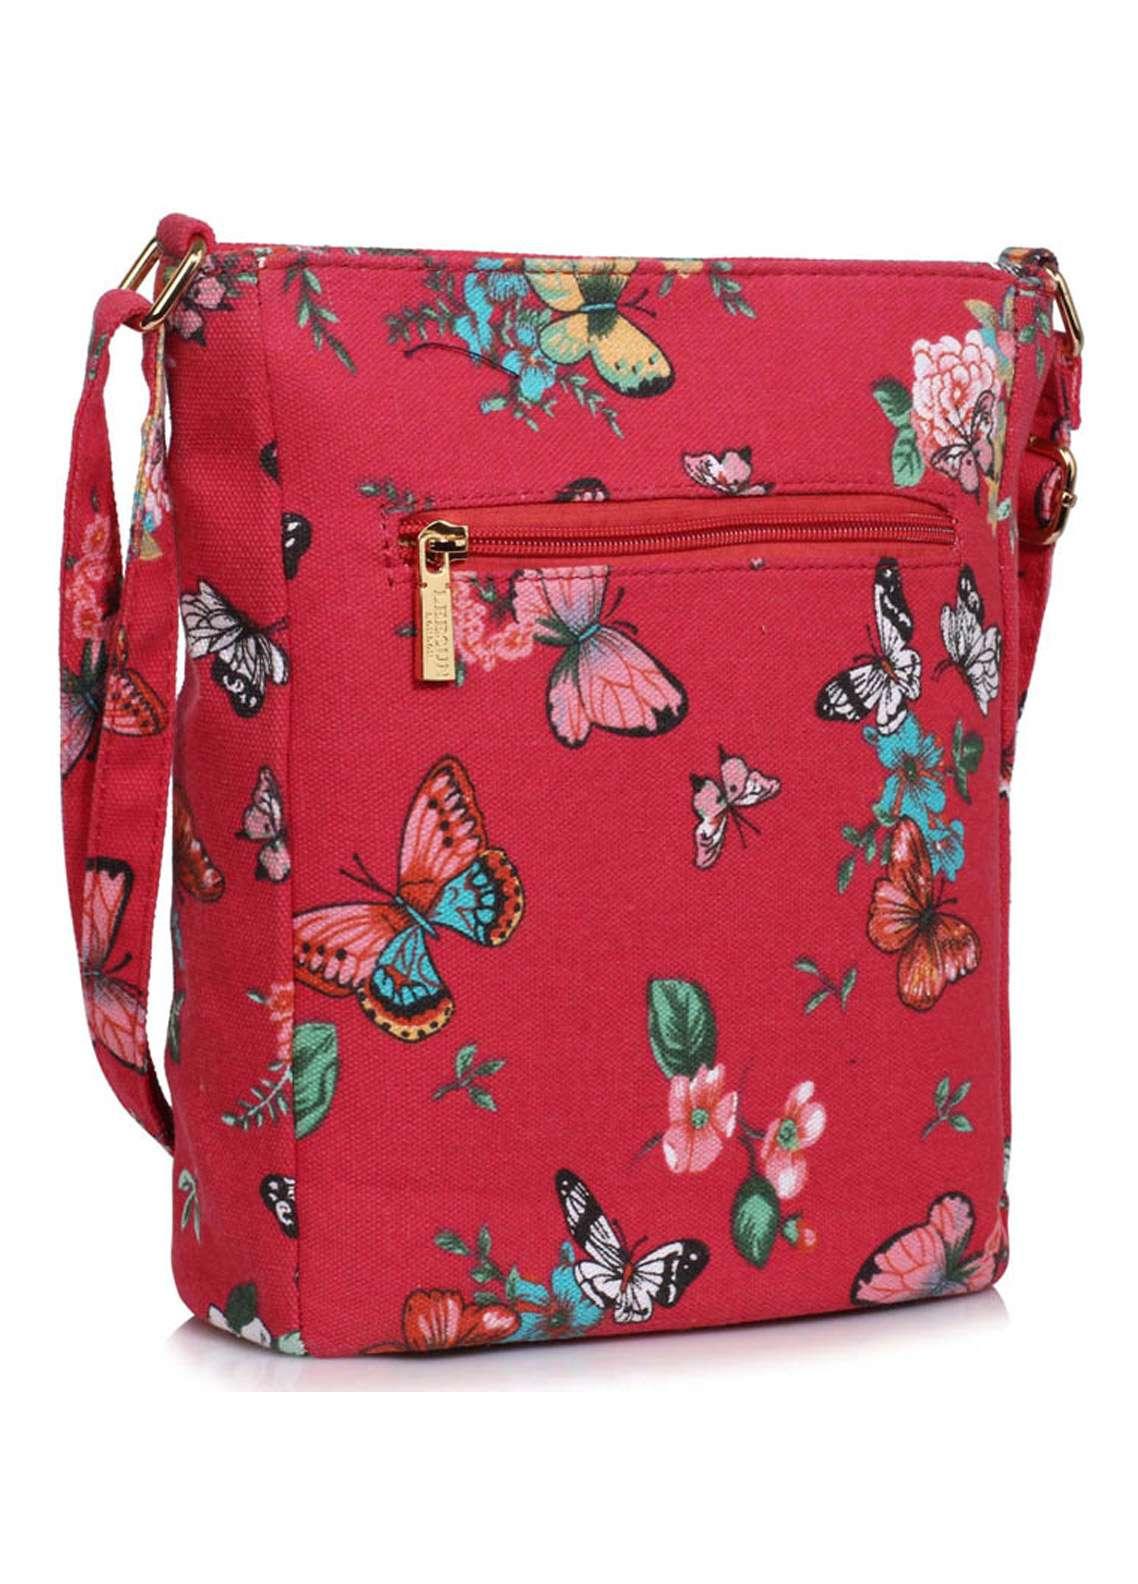 Leesun London Faux Leather Cross Body Bags for Women Red